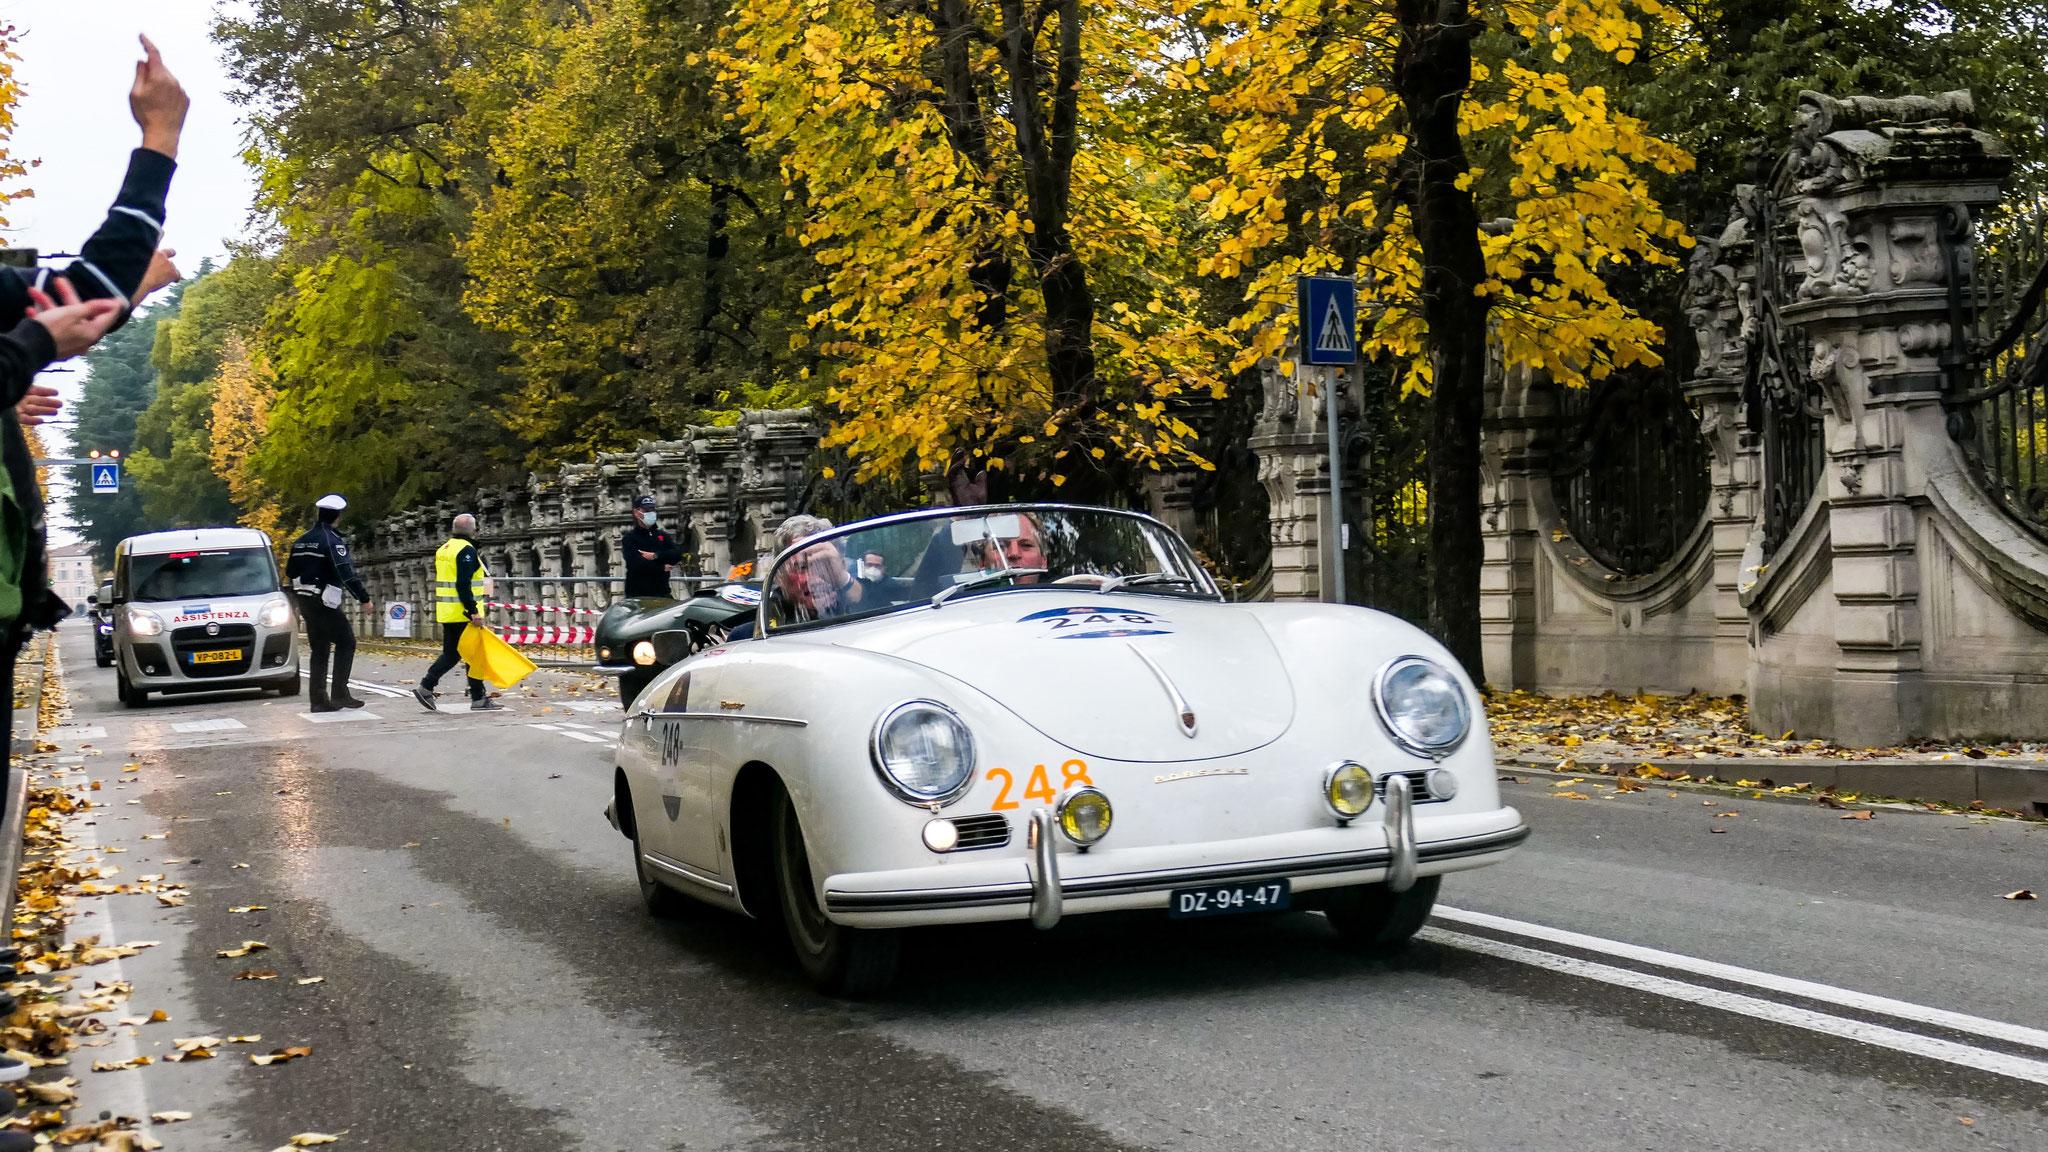 Porsche 356 1500 Speedster - DZ-94-47 (NL)